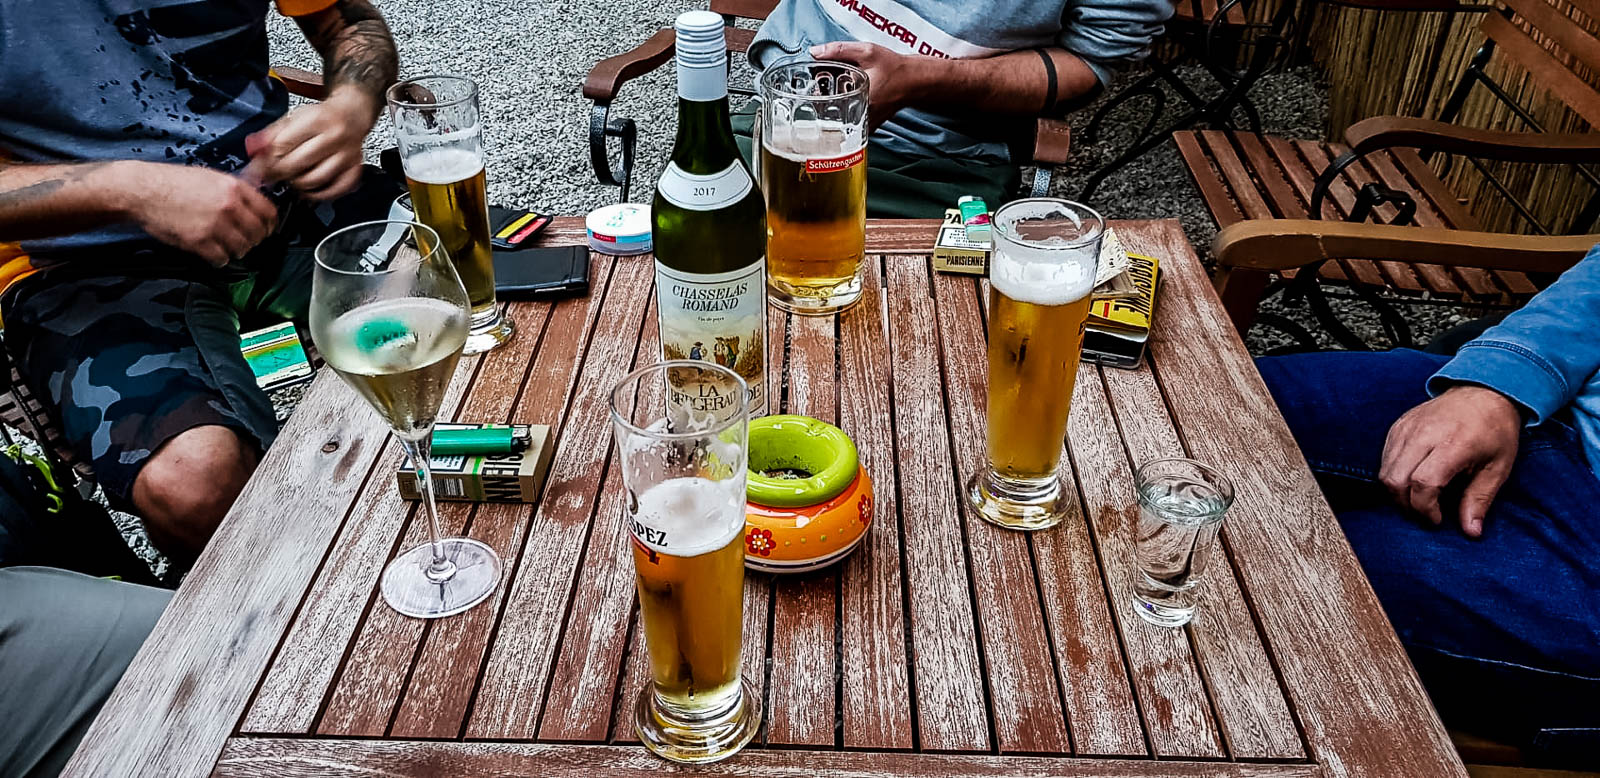 Das Bier nach der Tour